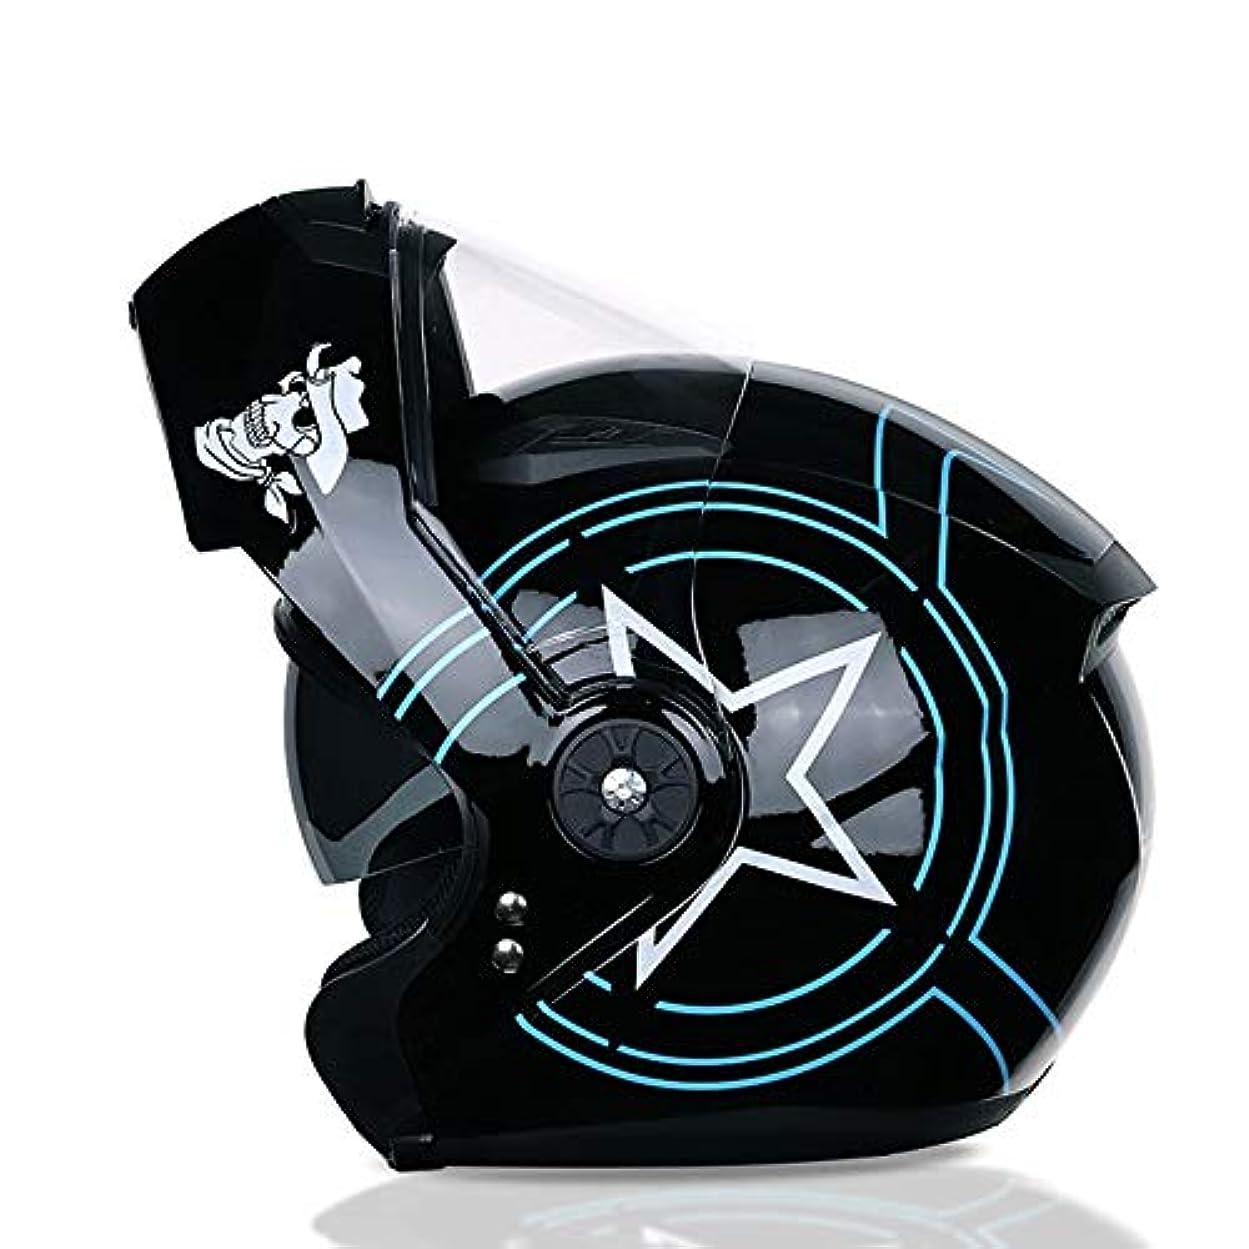 消費する高度な電話に出るHYH オートバイヘルメット防曇ダブルレンズフルフェイスヘルメット四季ヘルメット人格快適なハーフヘルメットオープンフェイスヘルメットアンチUVアンチグレア いい人生 (Size : M)